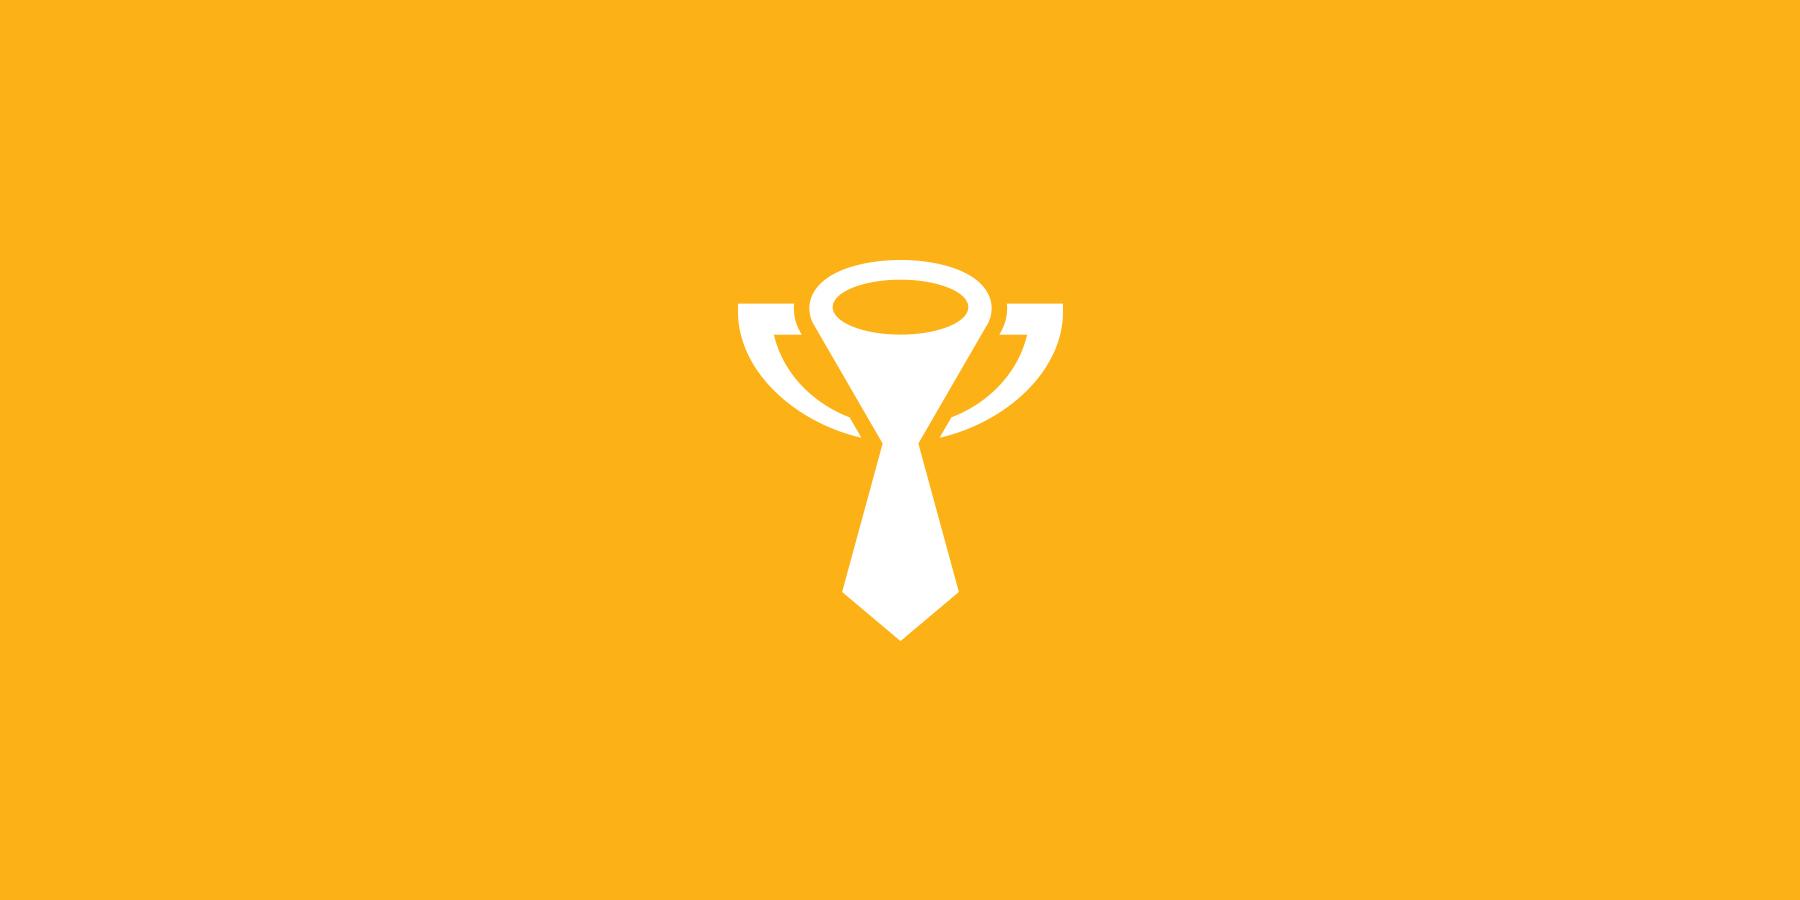 iste-oyun-logo-design-03